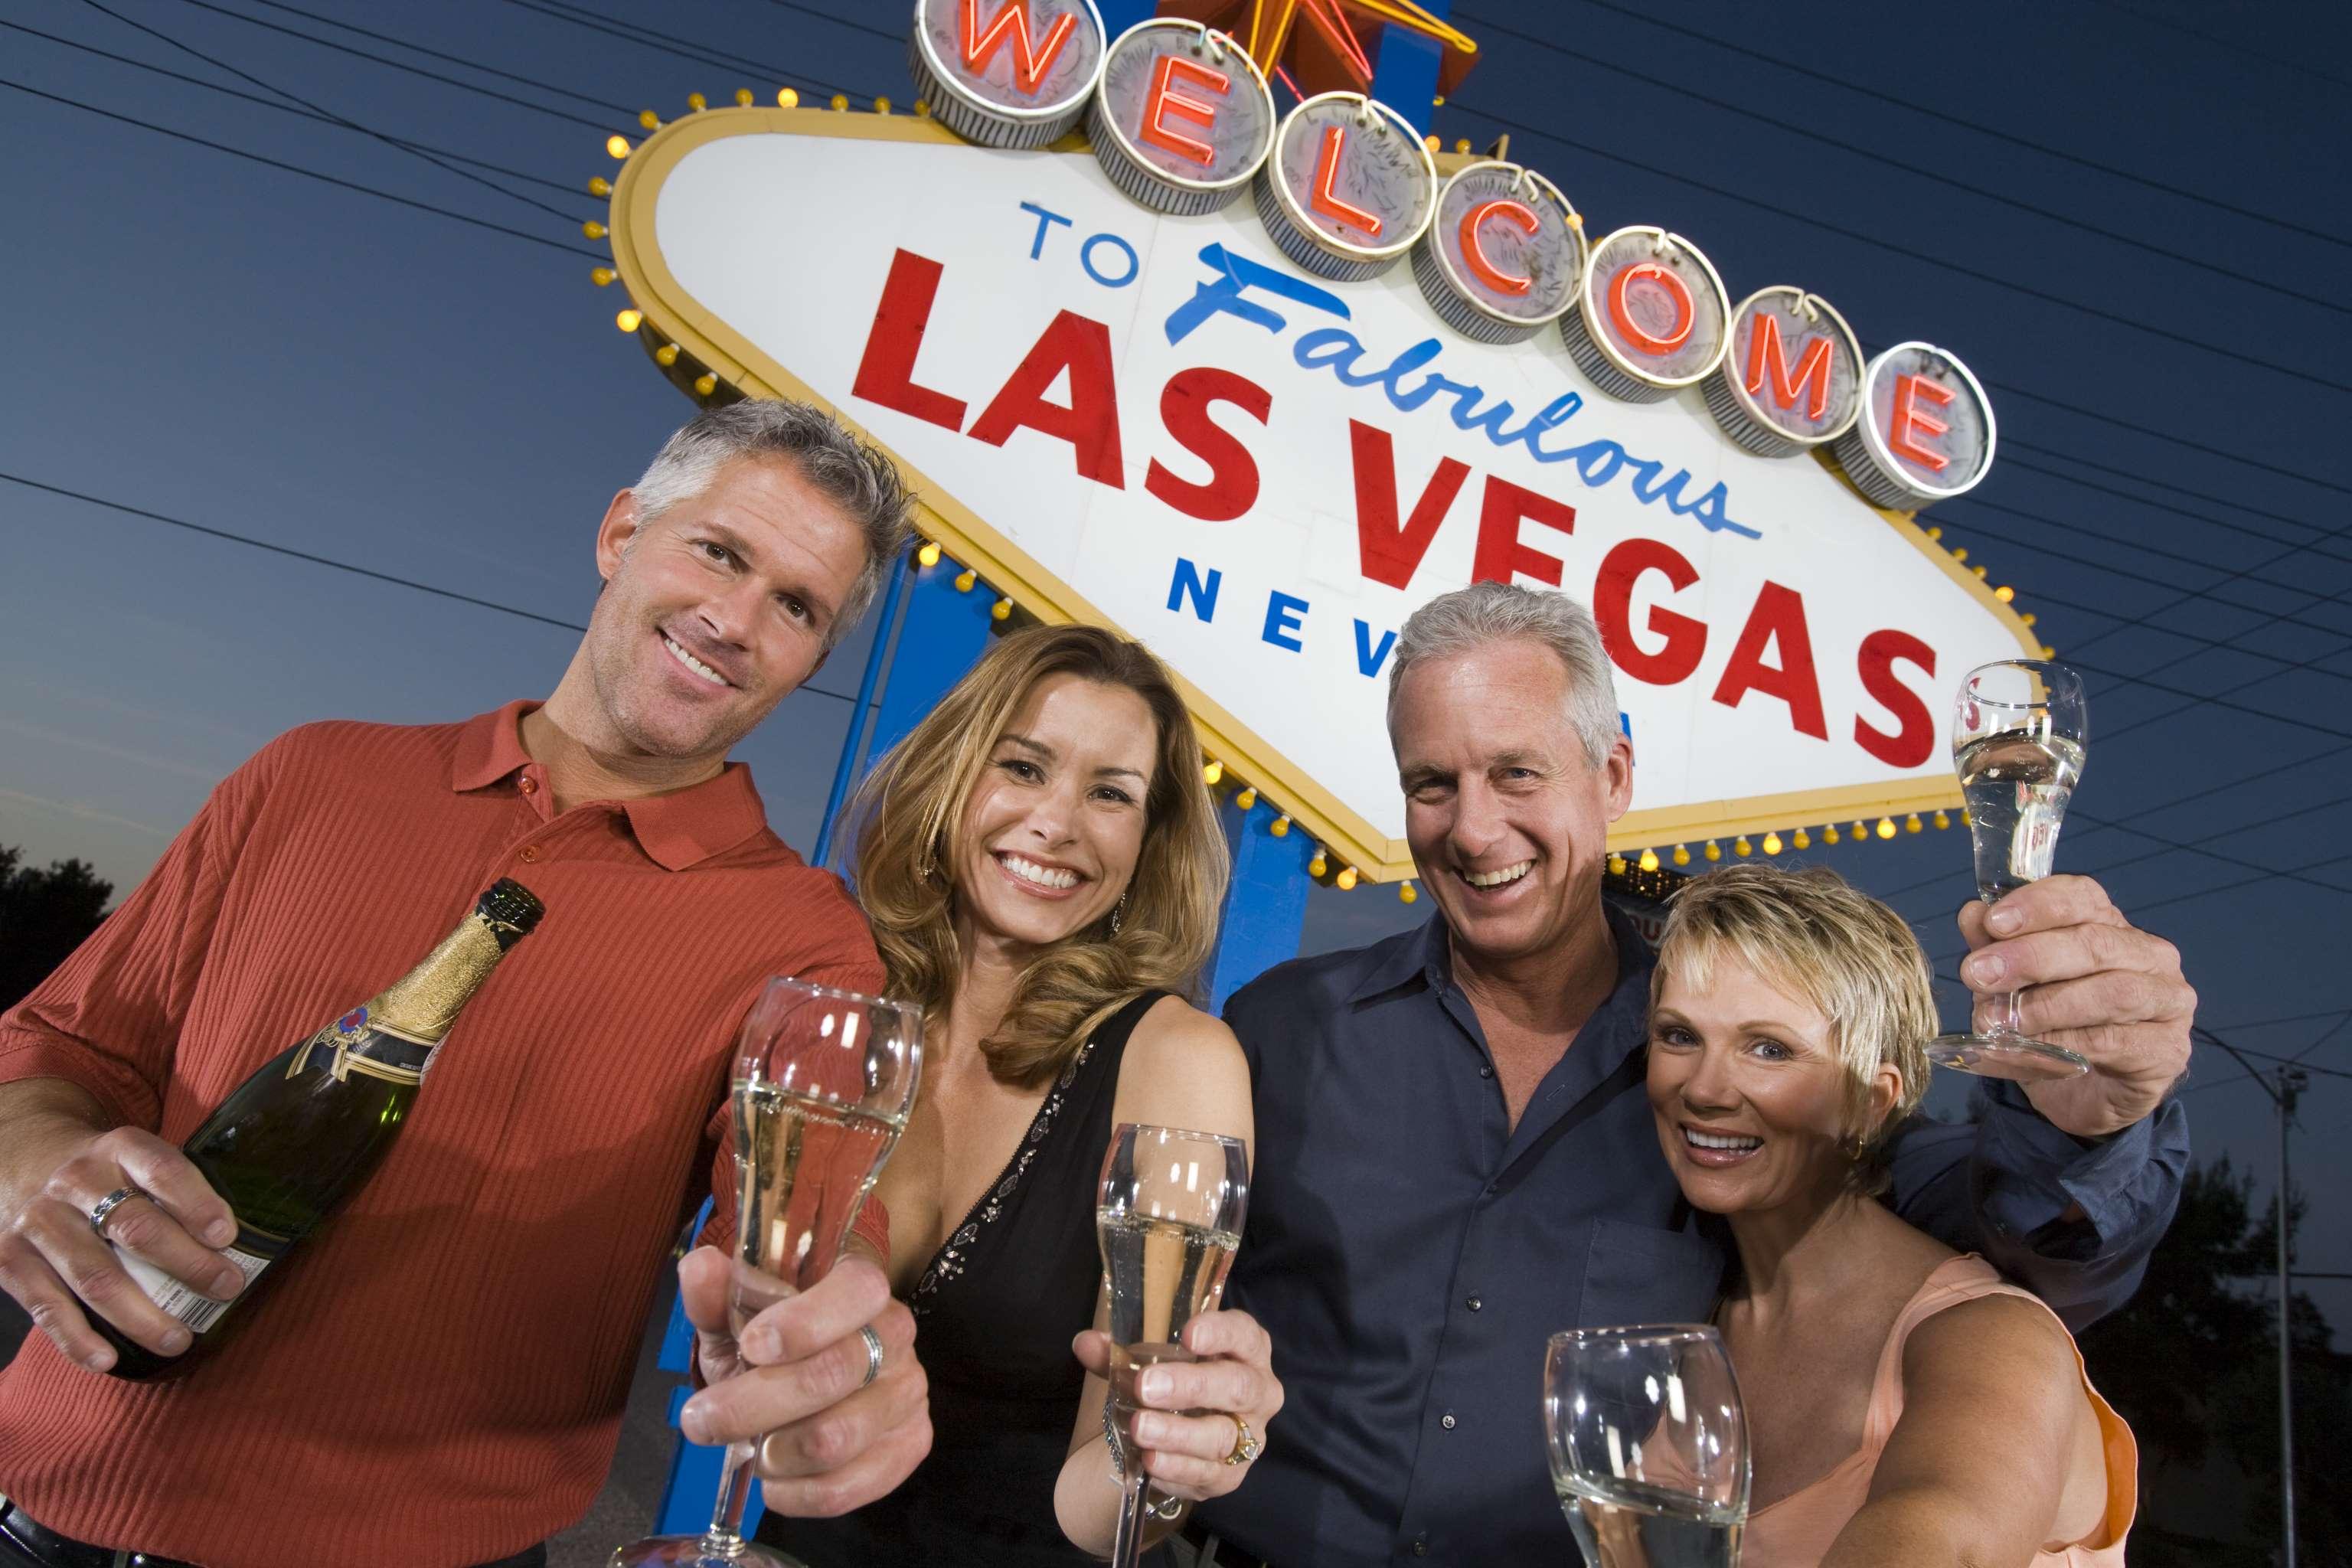 Friends in Las Vegas